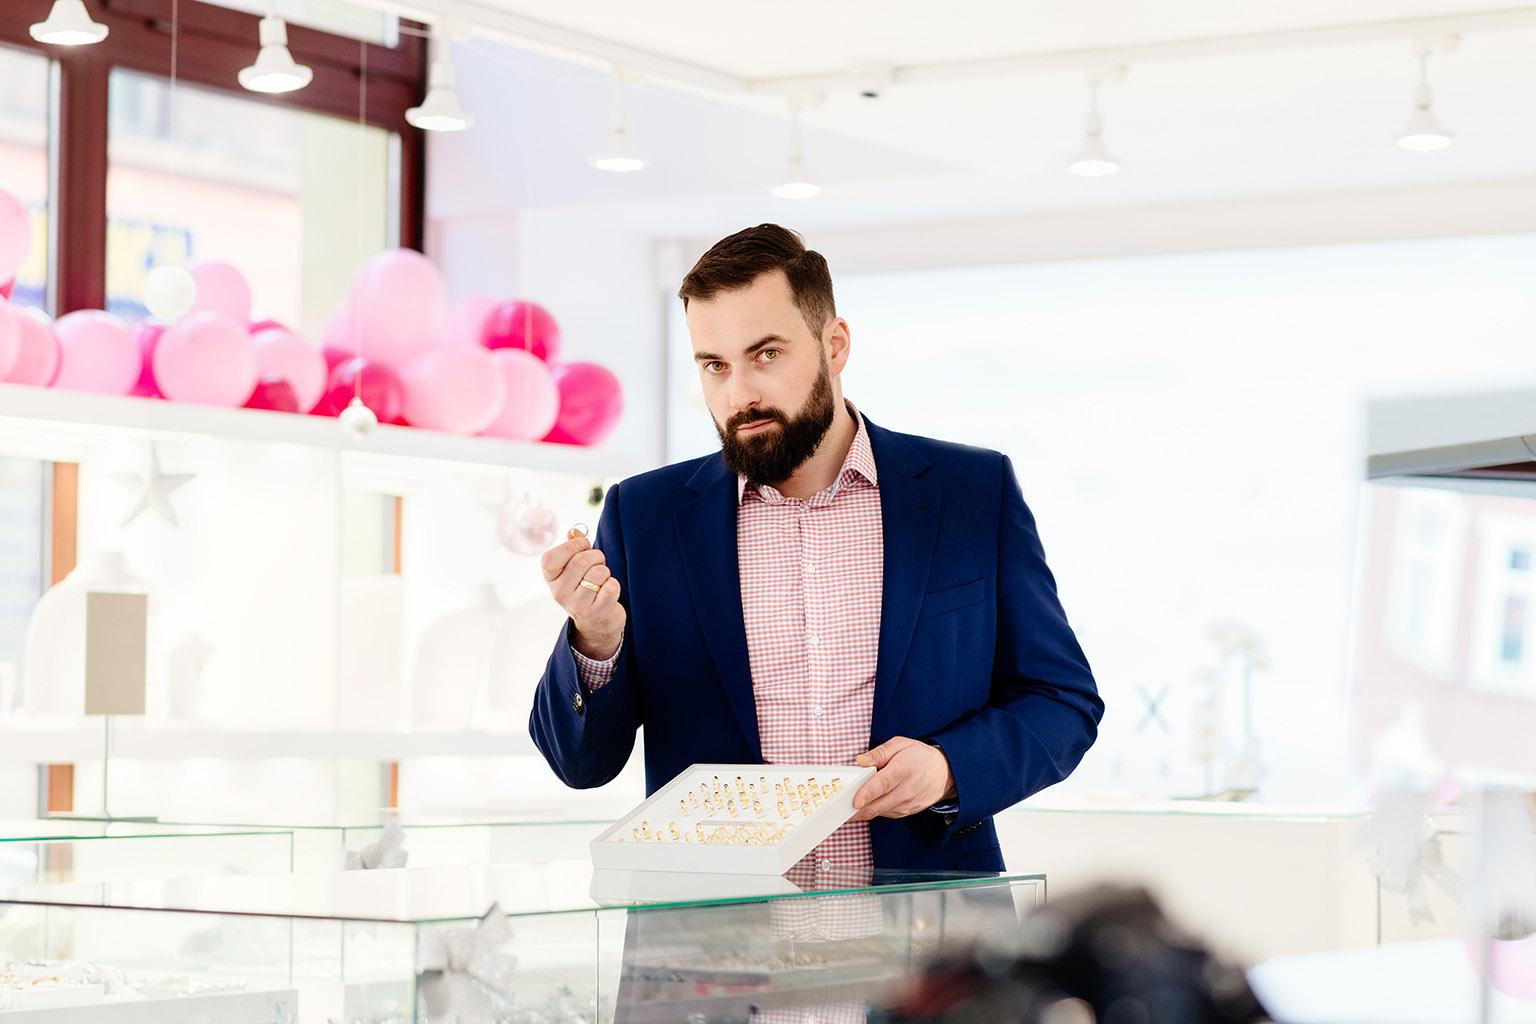 Hombre sosteniendo un anillo, mientras mira muchos anillos de compromiso en una joyería